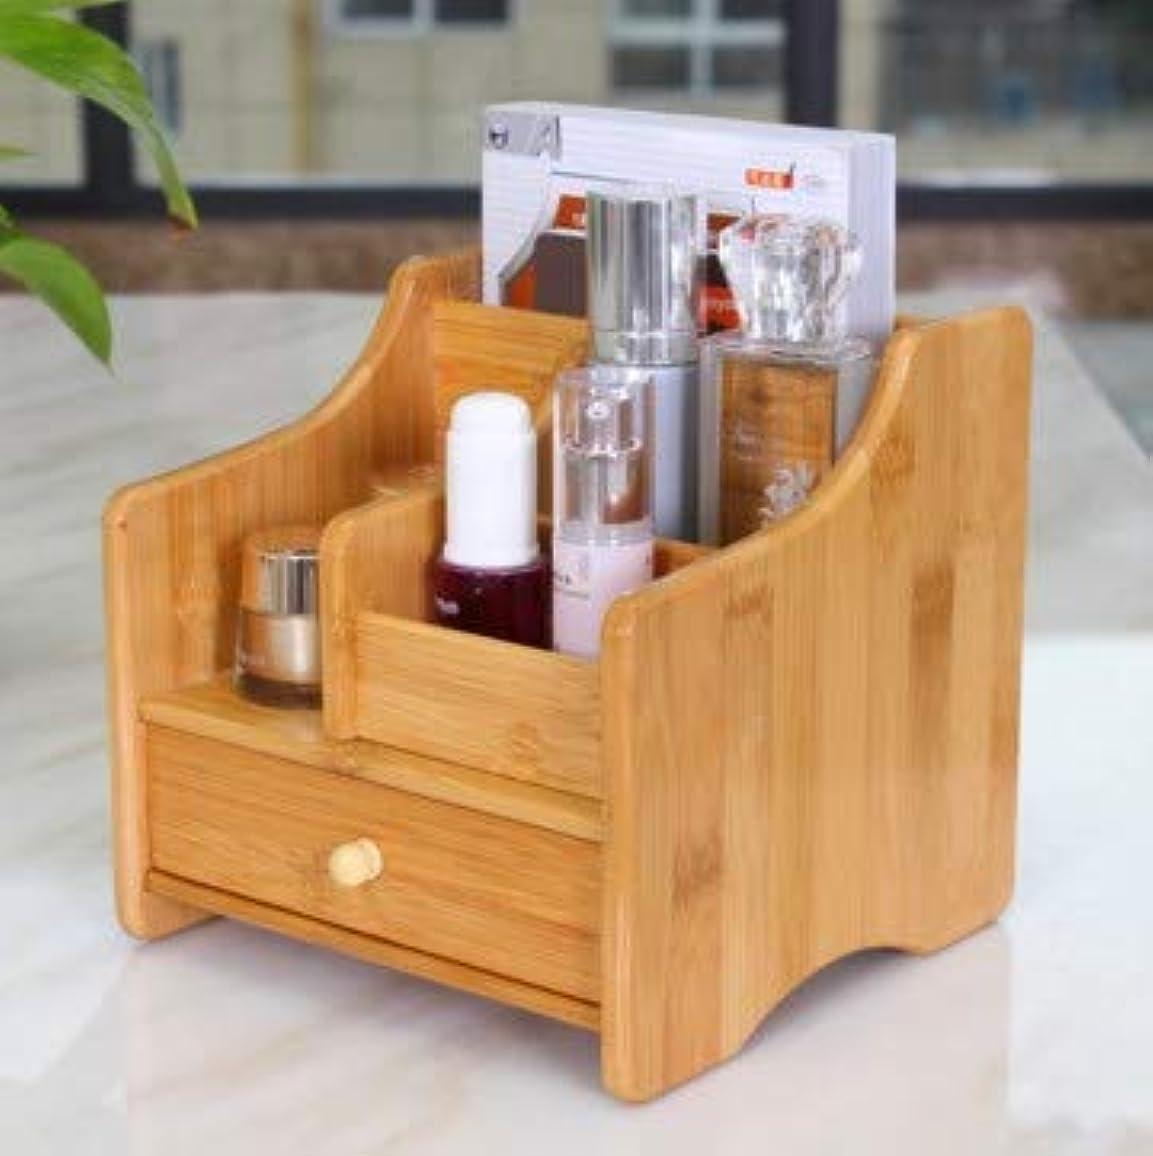 事読みやすさパック竹デスクトップリモコン収納ボックスデスクトップ化粧品文房具竹棚化粧品収納ボックス